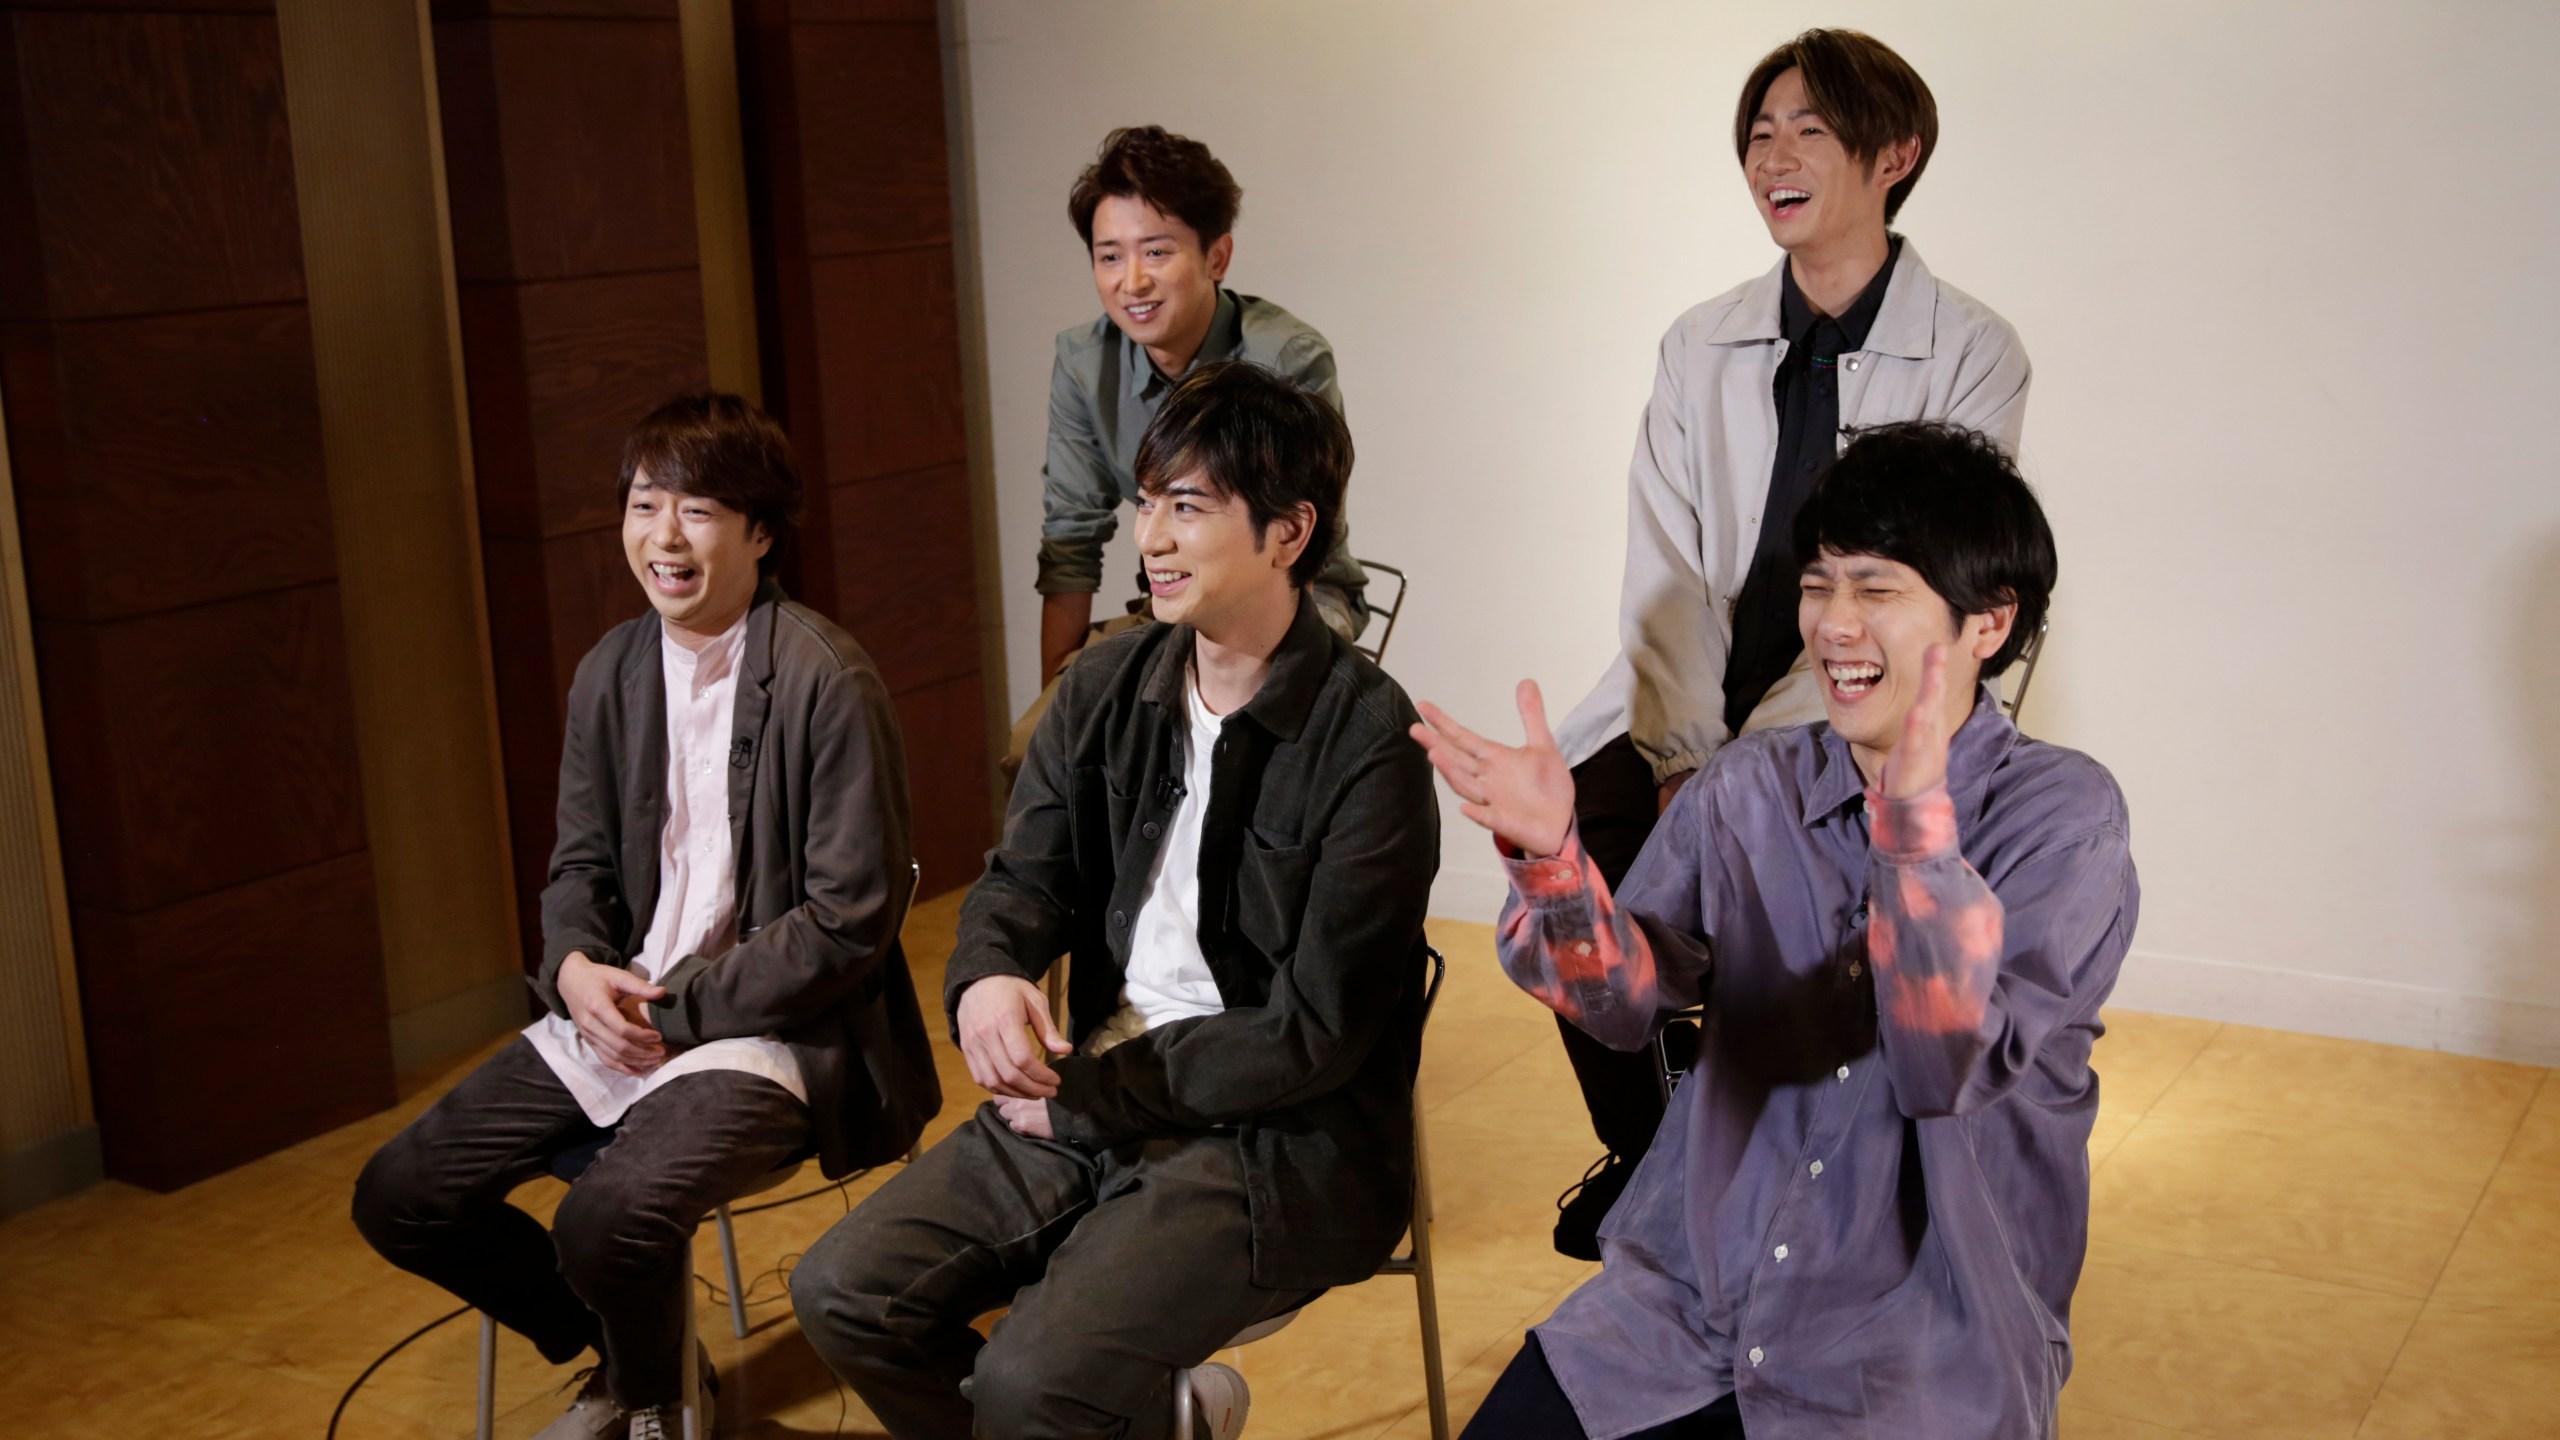 Satoshi Ohno, Masaki Aiba, Kazunari Ninomiya, Jun Matsumoto, Sho Sakurai